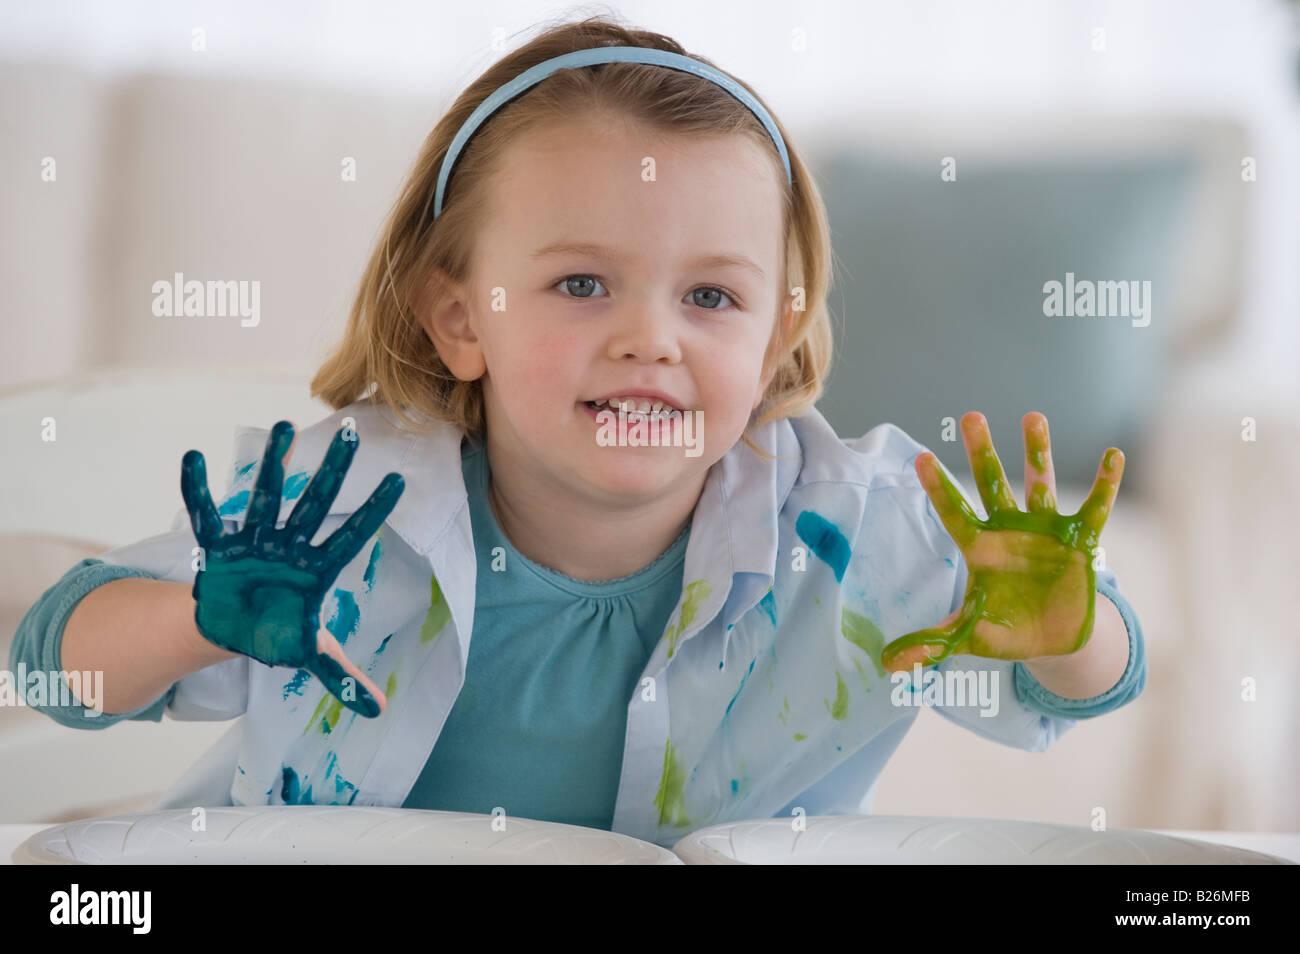 Ragazza dito dipinto con colori diversi Immagini Stock